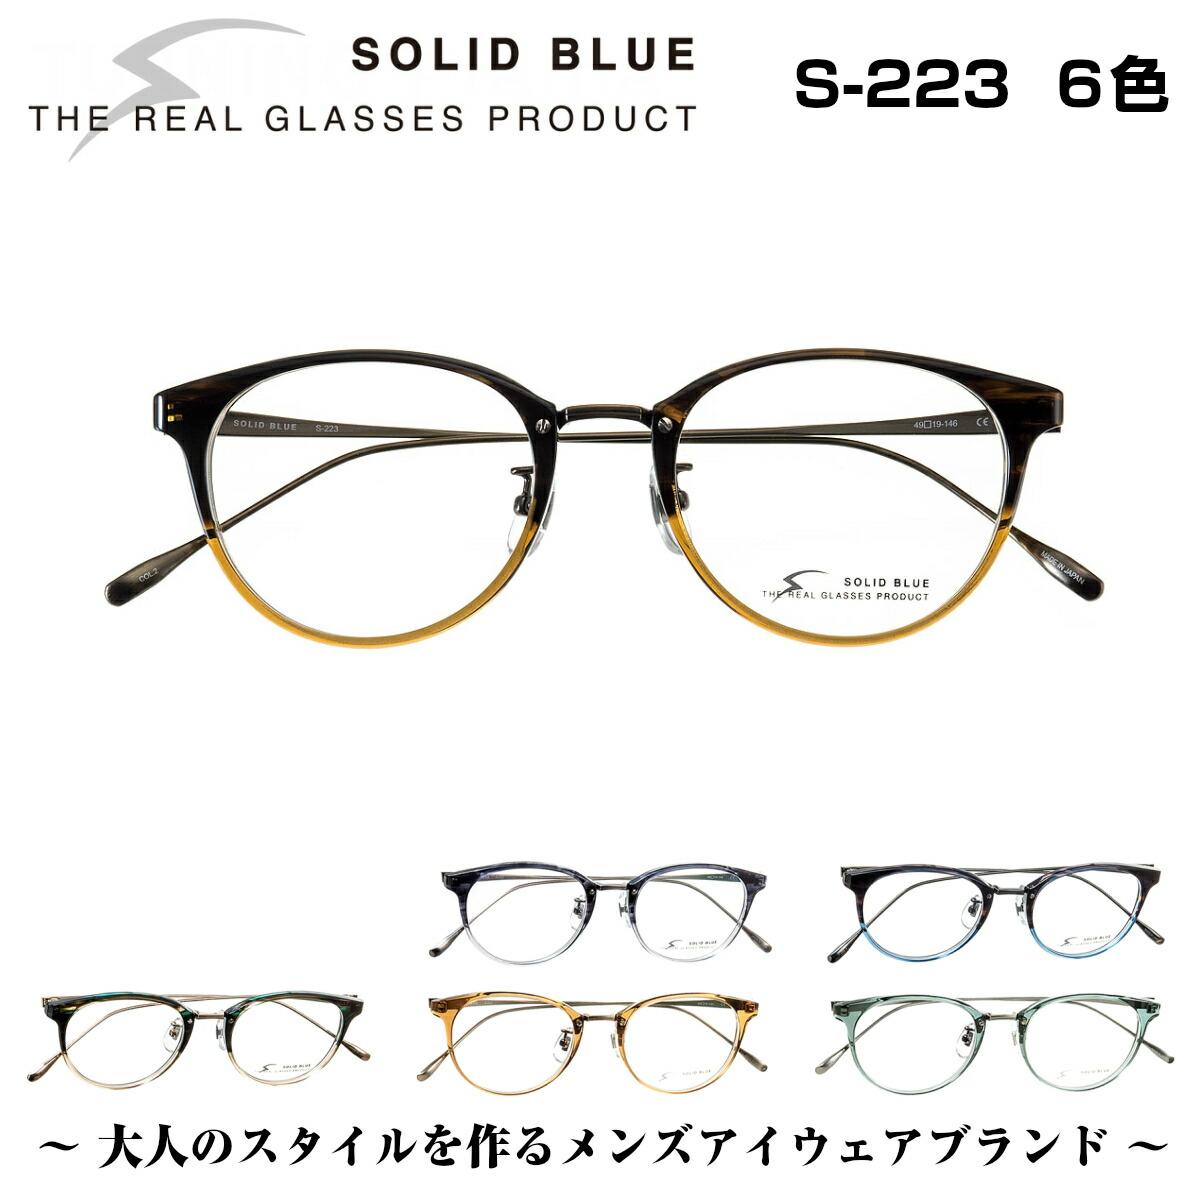 ソリッドブルー SOLID BLUE S-223 6色 男性 メンズ ビジネス フォーマル カジュアル セル メタル チタン コンビネーション メガネ フレーム 眼鏡 めがね 日本製 国産 鯖江 スクエア 軽い 軽量 正規品